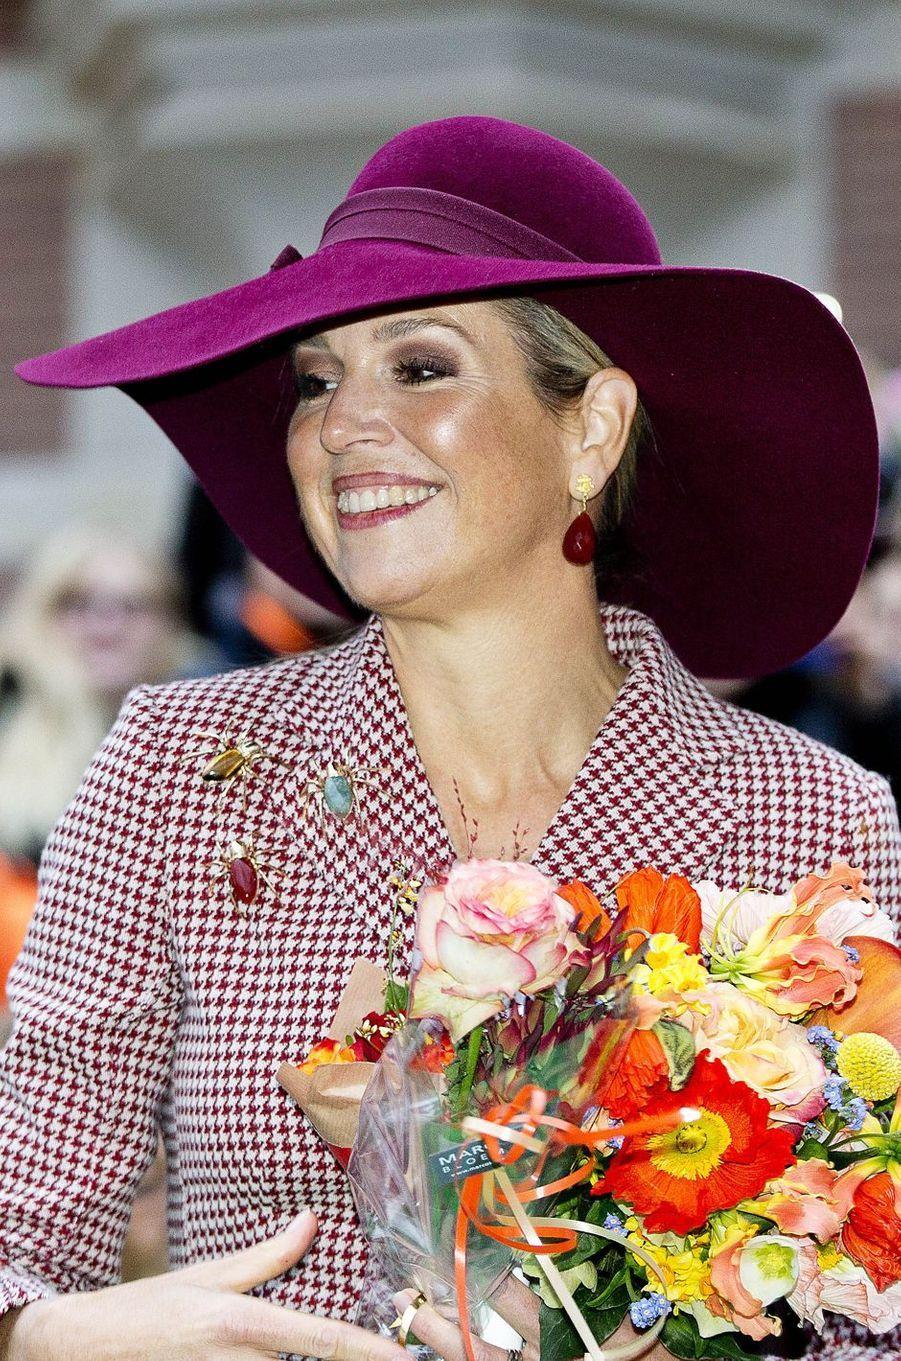 La reine Maxima des Pays-Bas, coiffée d'une grande capeline, à Arnhem le 12 janvier 2018